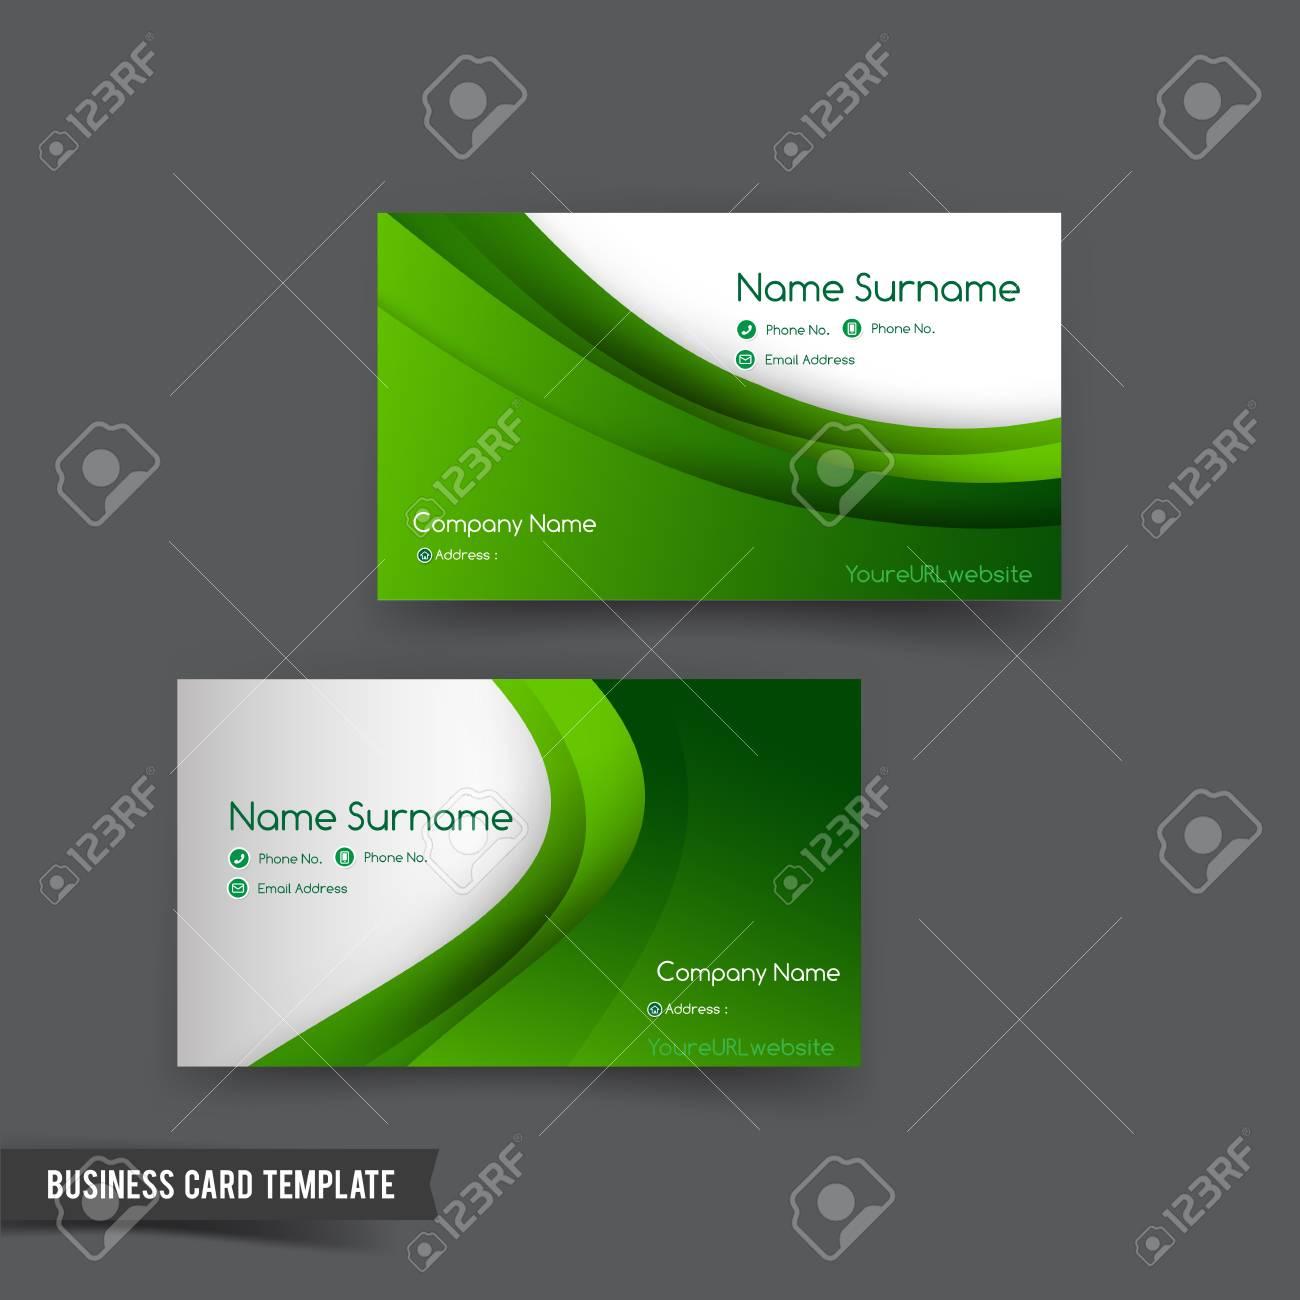 Modele De Carte Visite Defini Element Courbe Verte Pour L